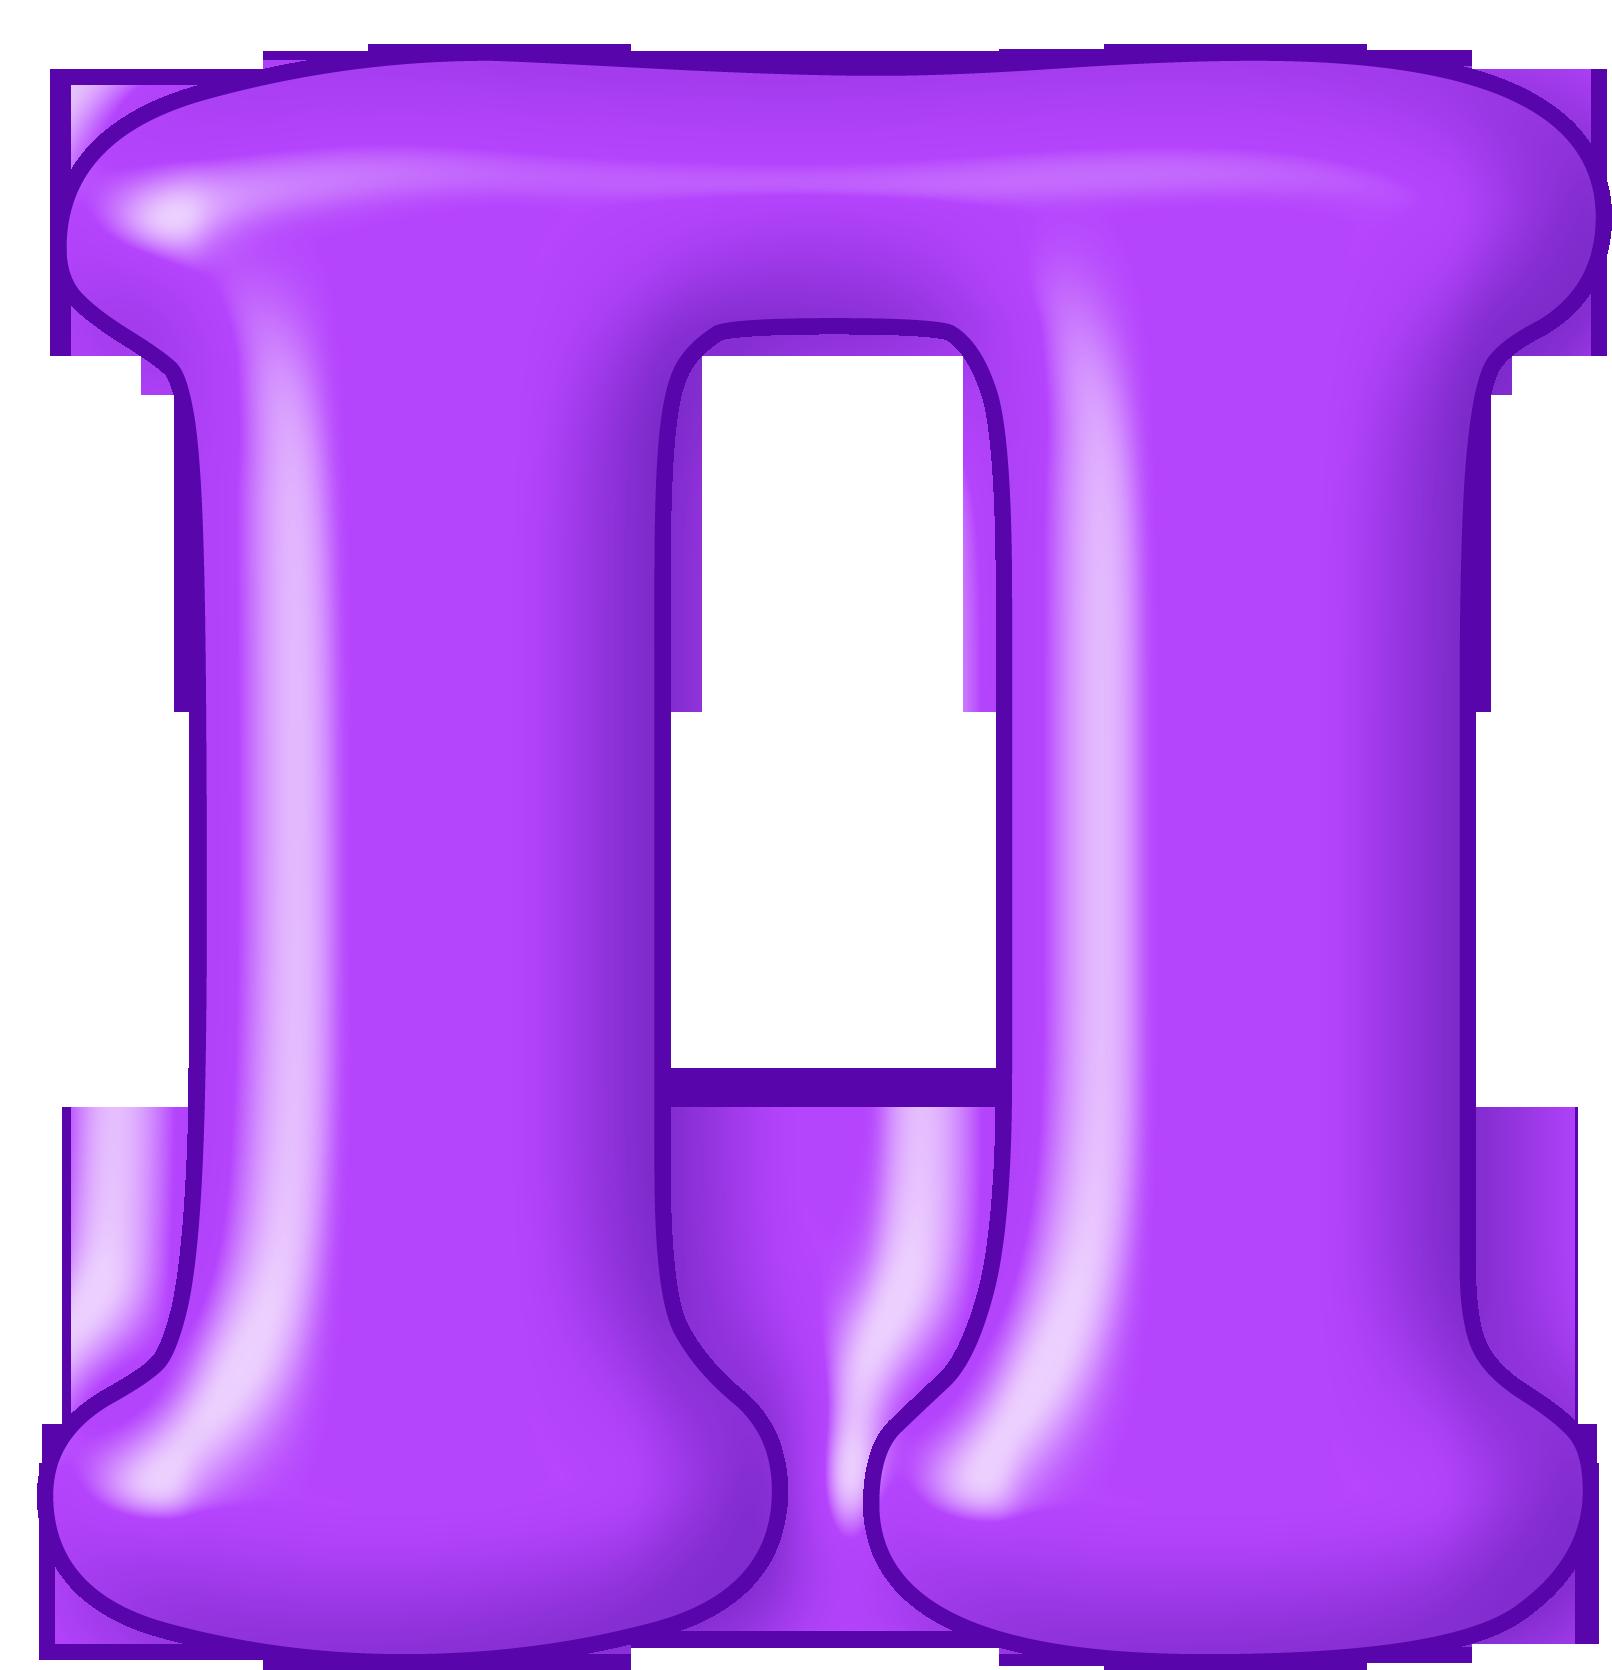 Буквы русского алфавита для детей в картинках по отдельности, февраля мальчикам